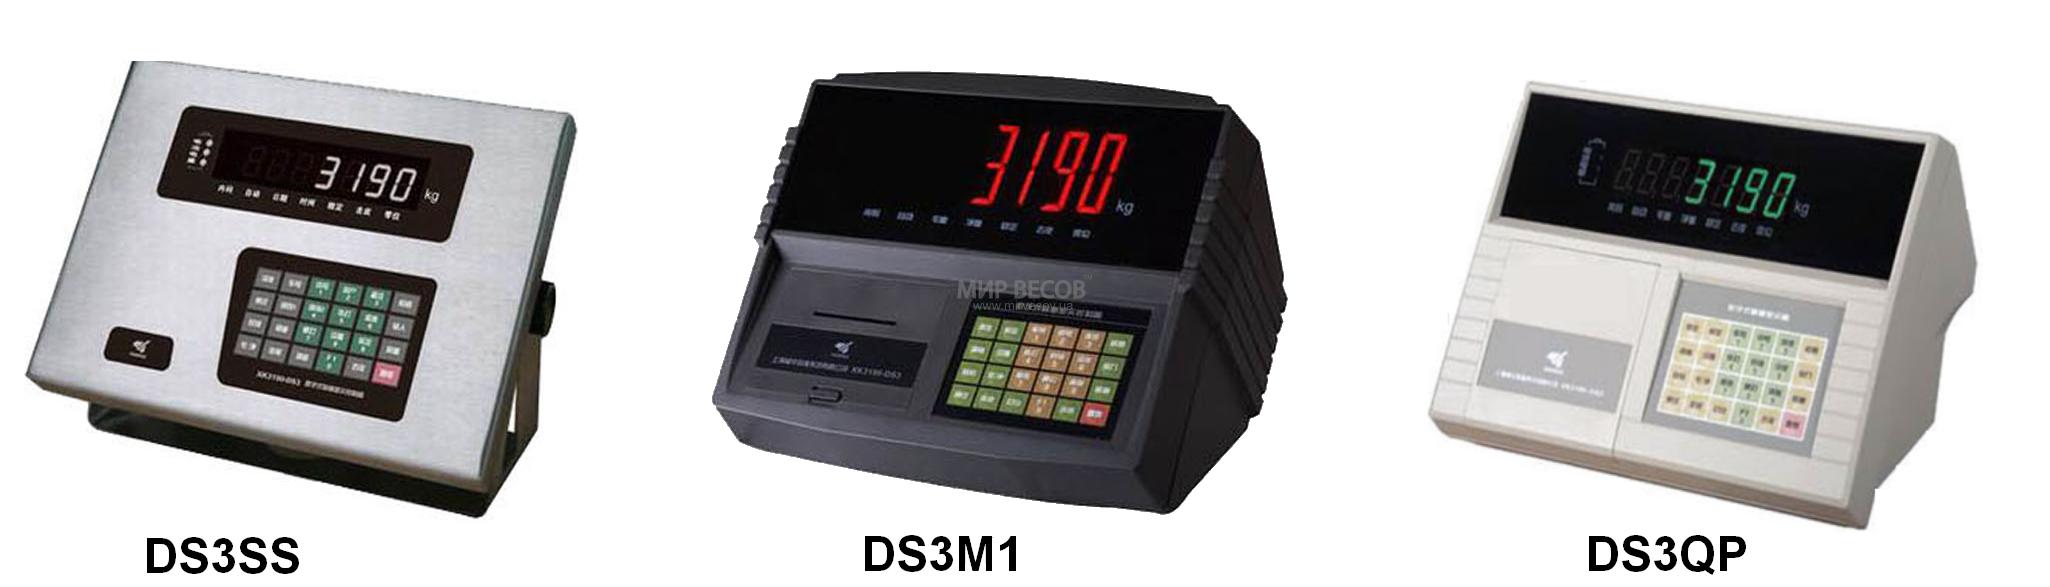 Цифровой весоизмерительный индикатор DS3SS/DS3M1/DS3QP